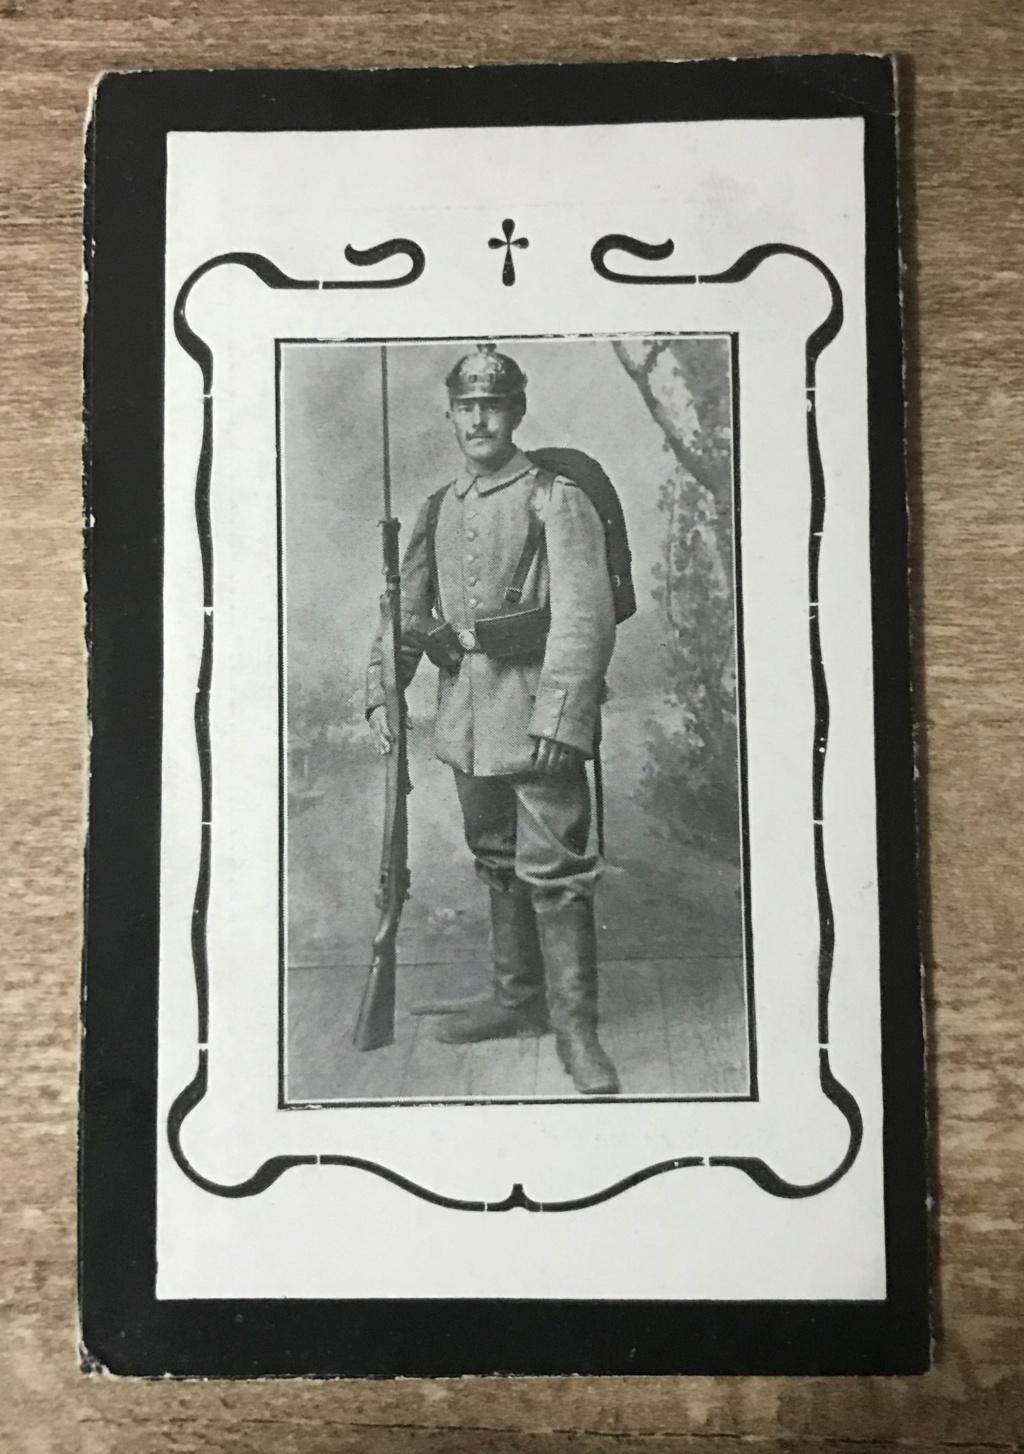 Avis de décès soldat allemand 14-18  - Page 2 9fc2ed10